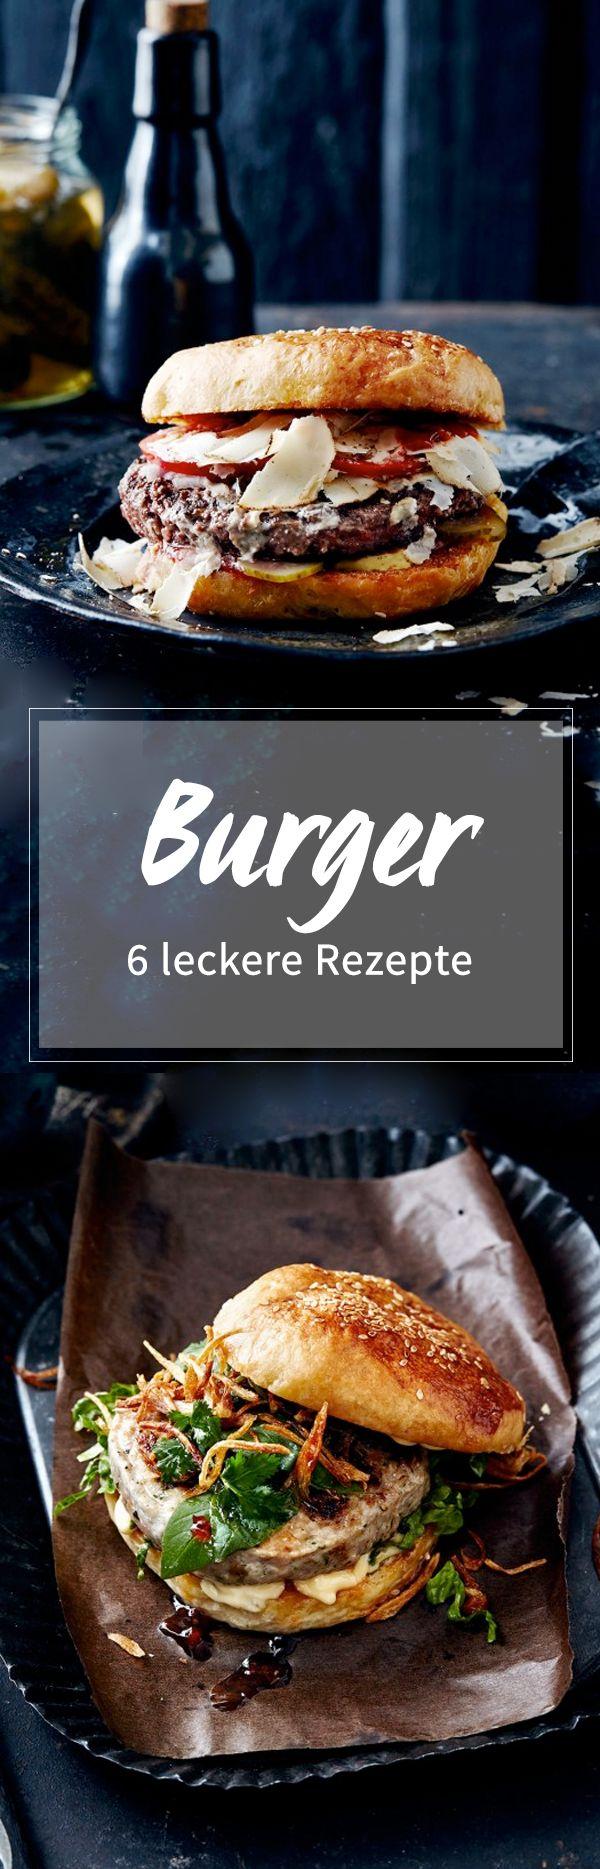 Burger de luxe